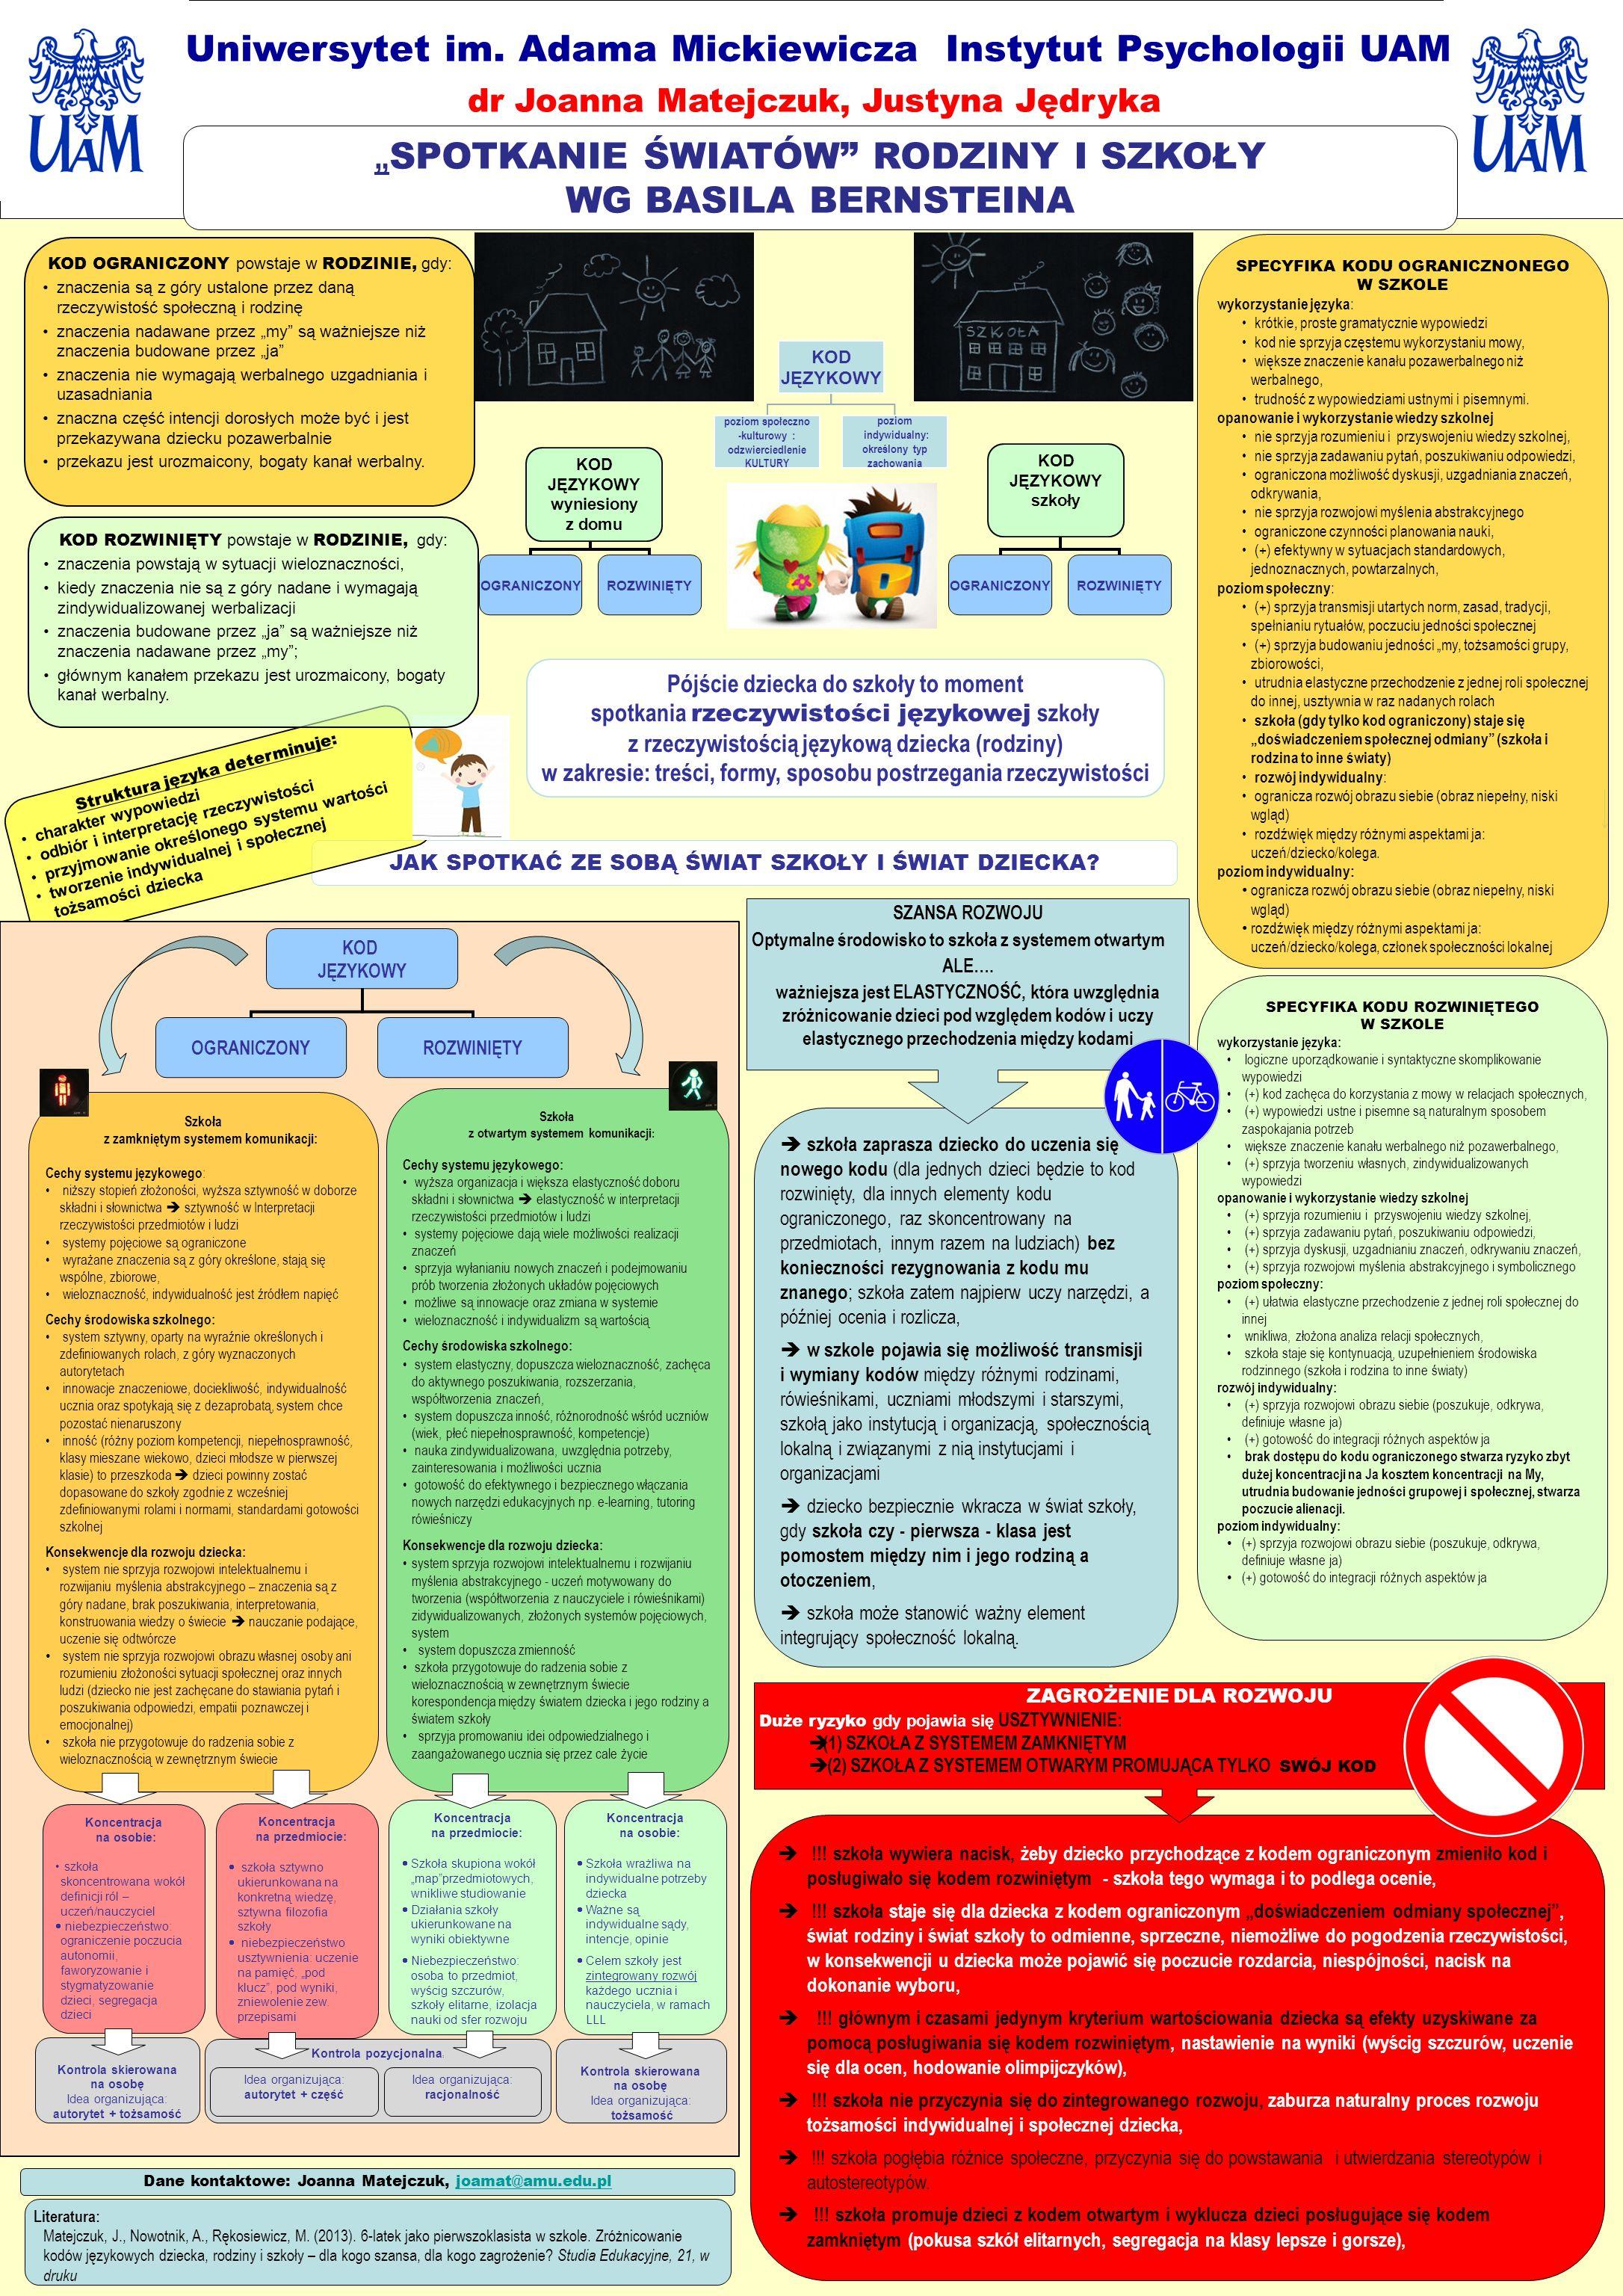 !!! szkoła wywiera nacisk, żeby dziecko przychodzące z kodem ograniczonym zmieniło kod i posługiwało się kodem rozwiniętym - szkoła tego wymaga i to p